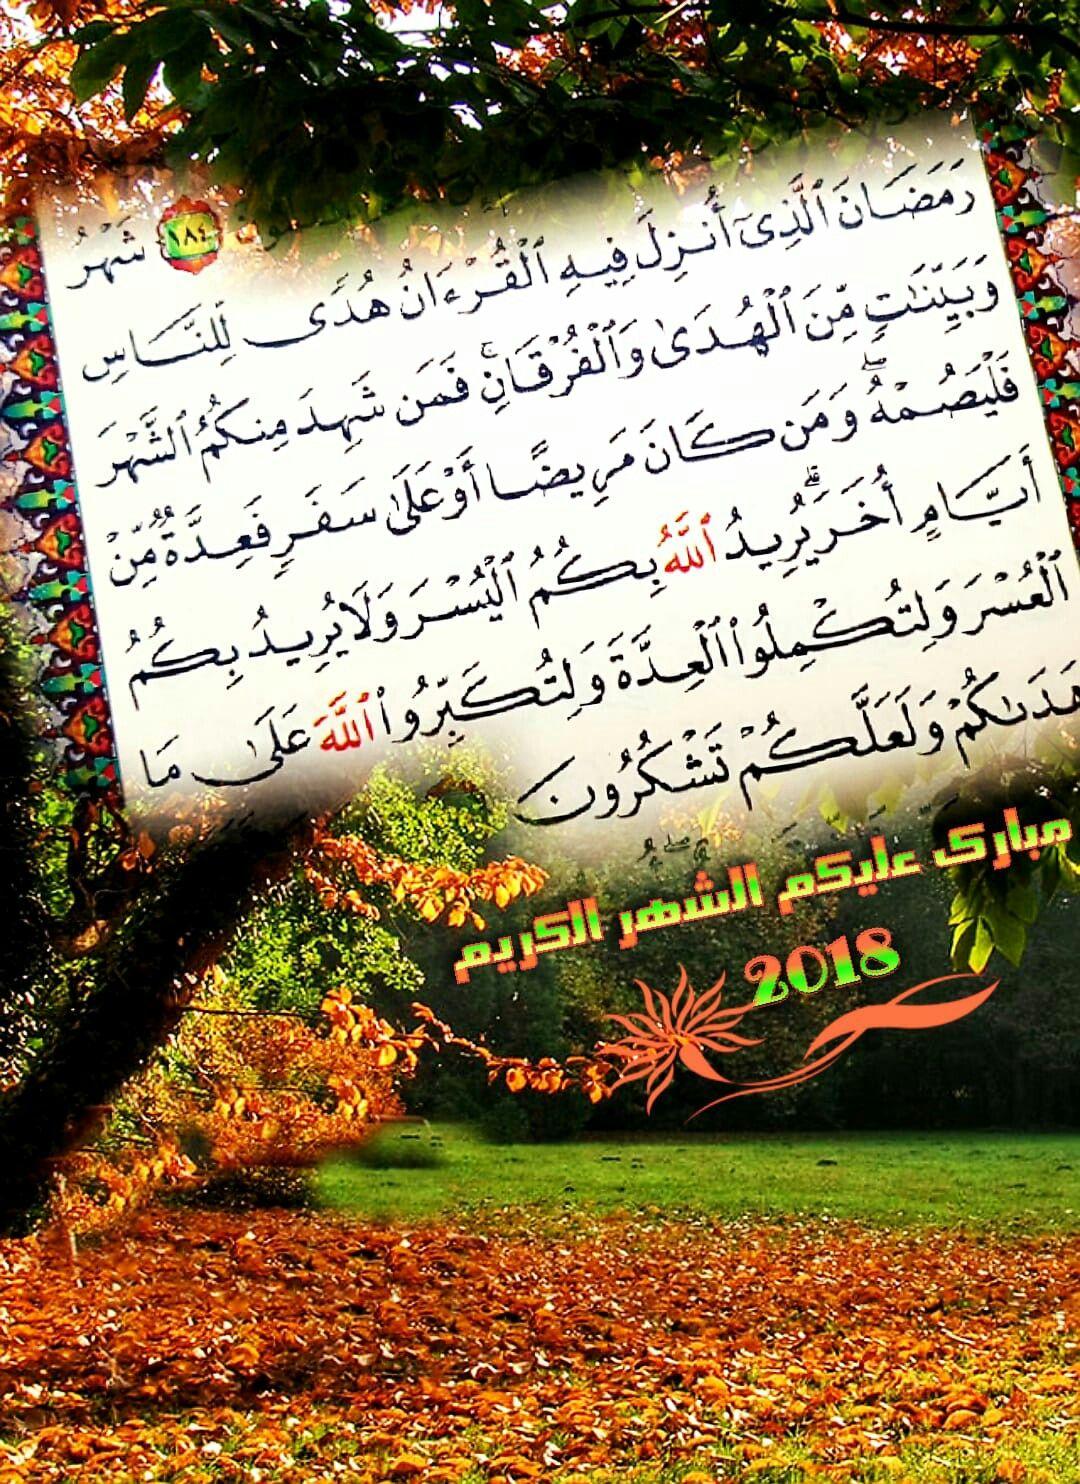 ملصقات الأشهر القمرية لتزيين القسم معلقات ملصقات الأشهر القمرية لتزيين القسم شهر محرم صفر ربيع الأول ربيع الثاني جمادى الأول جما Islamic Month Blog Blog Posts